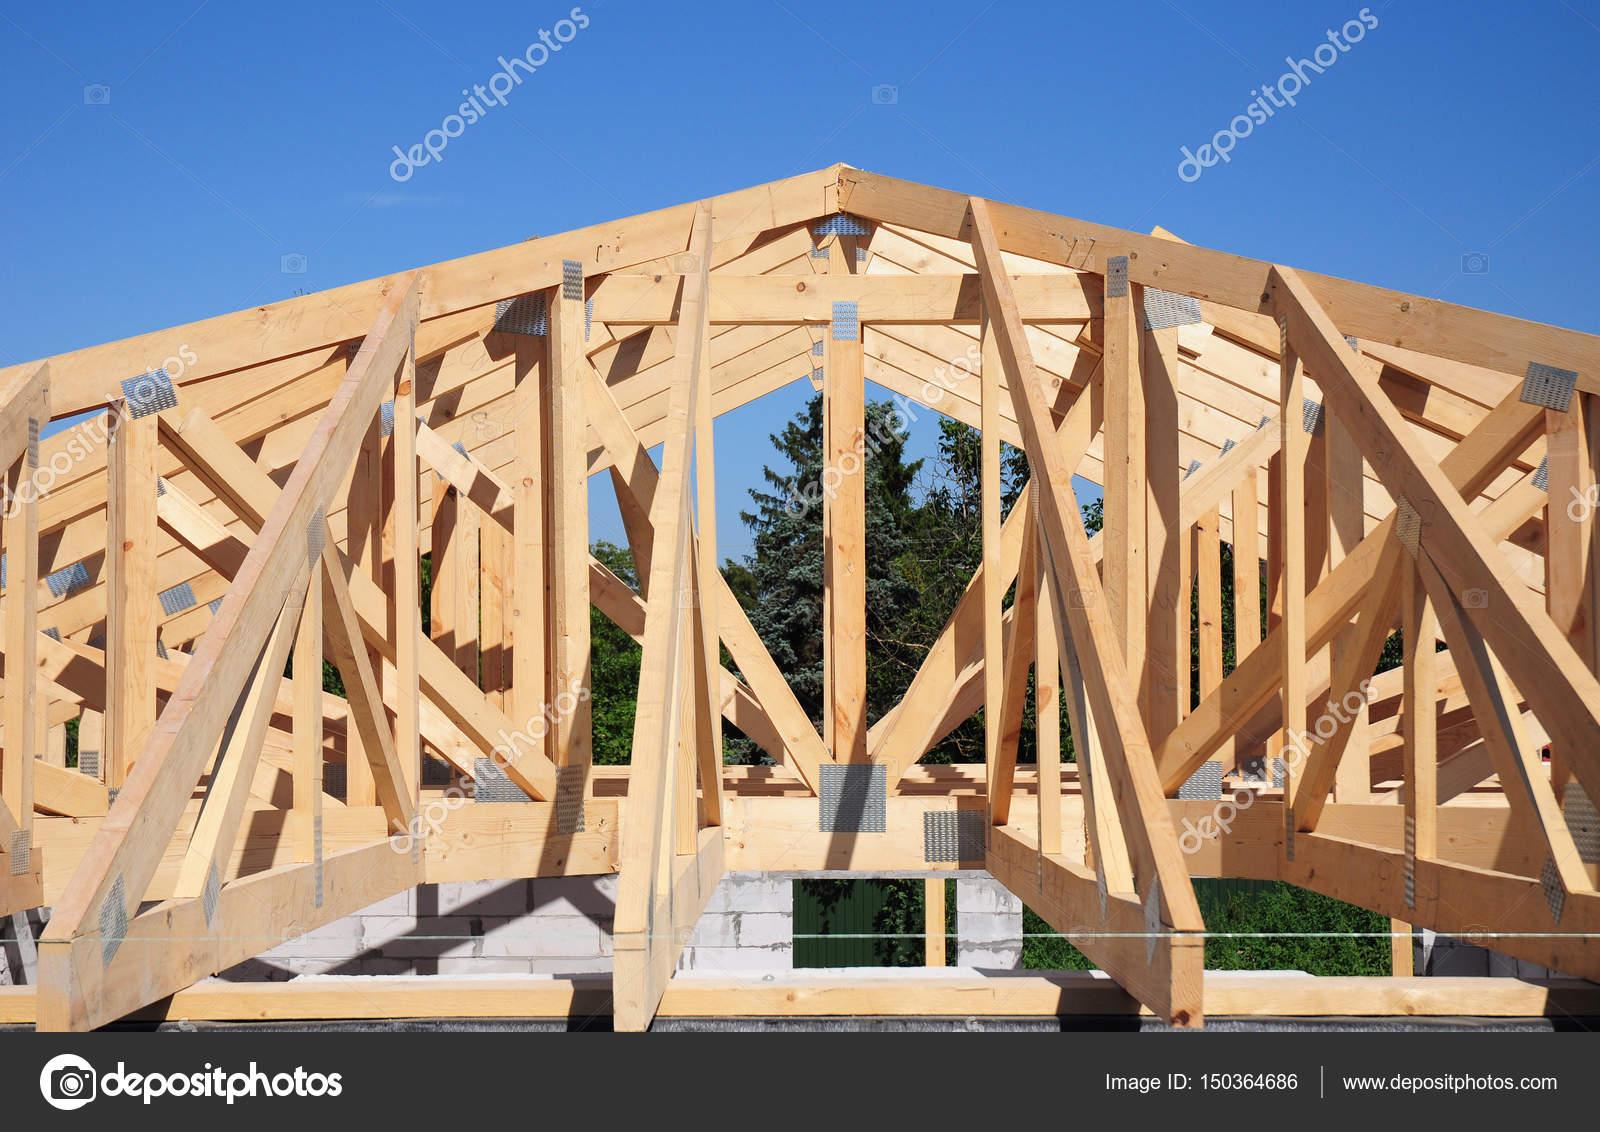 Dachstühle. Dach Bau Haus Dach Building.Timber Dachstuhl. Traversen ...